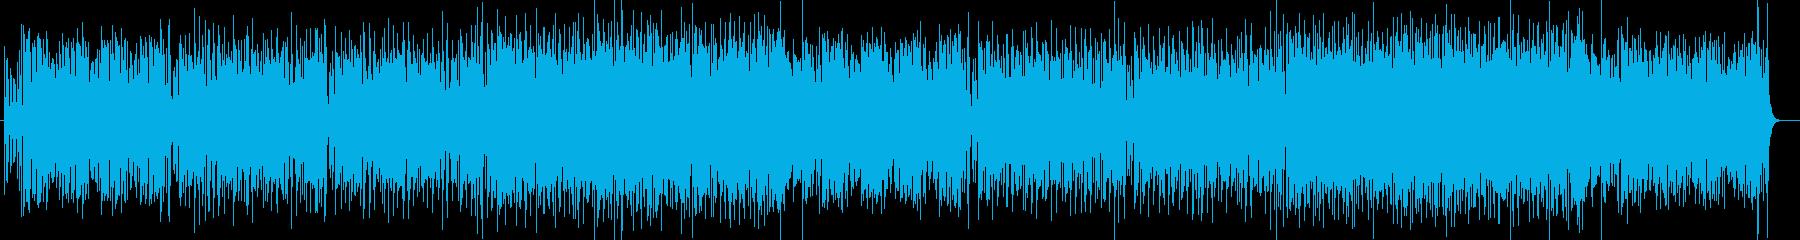 疾走感と楽しげなシンセサイザーサウンドの再生済みの波形